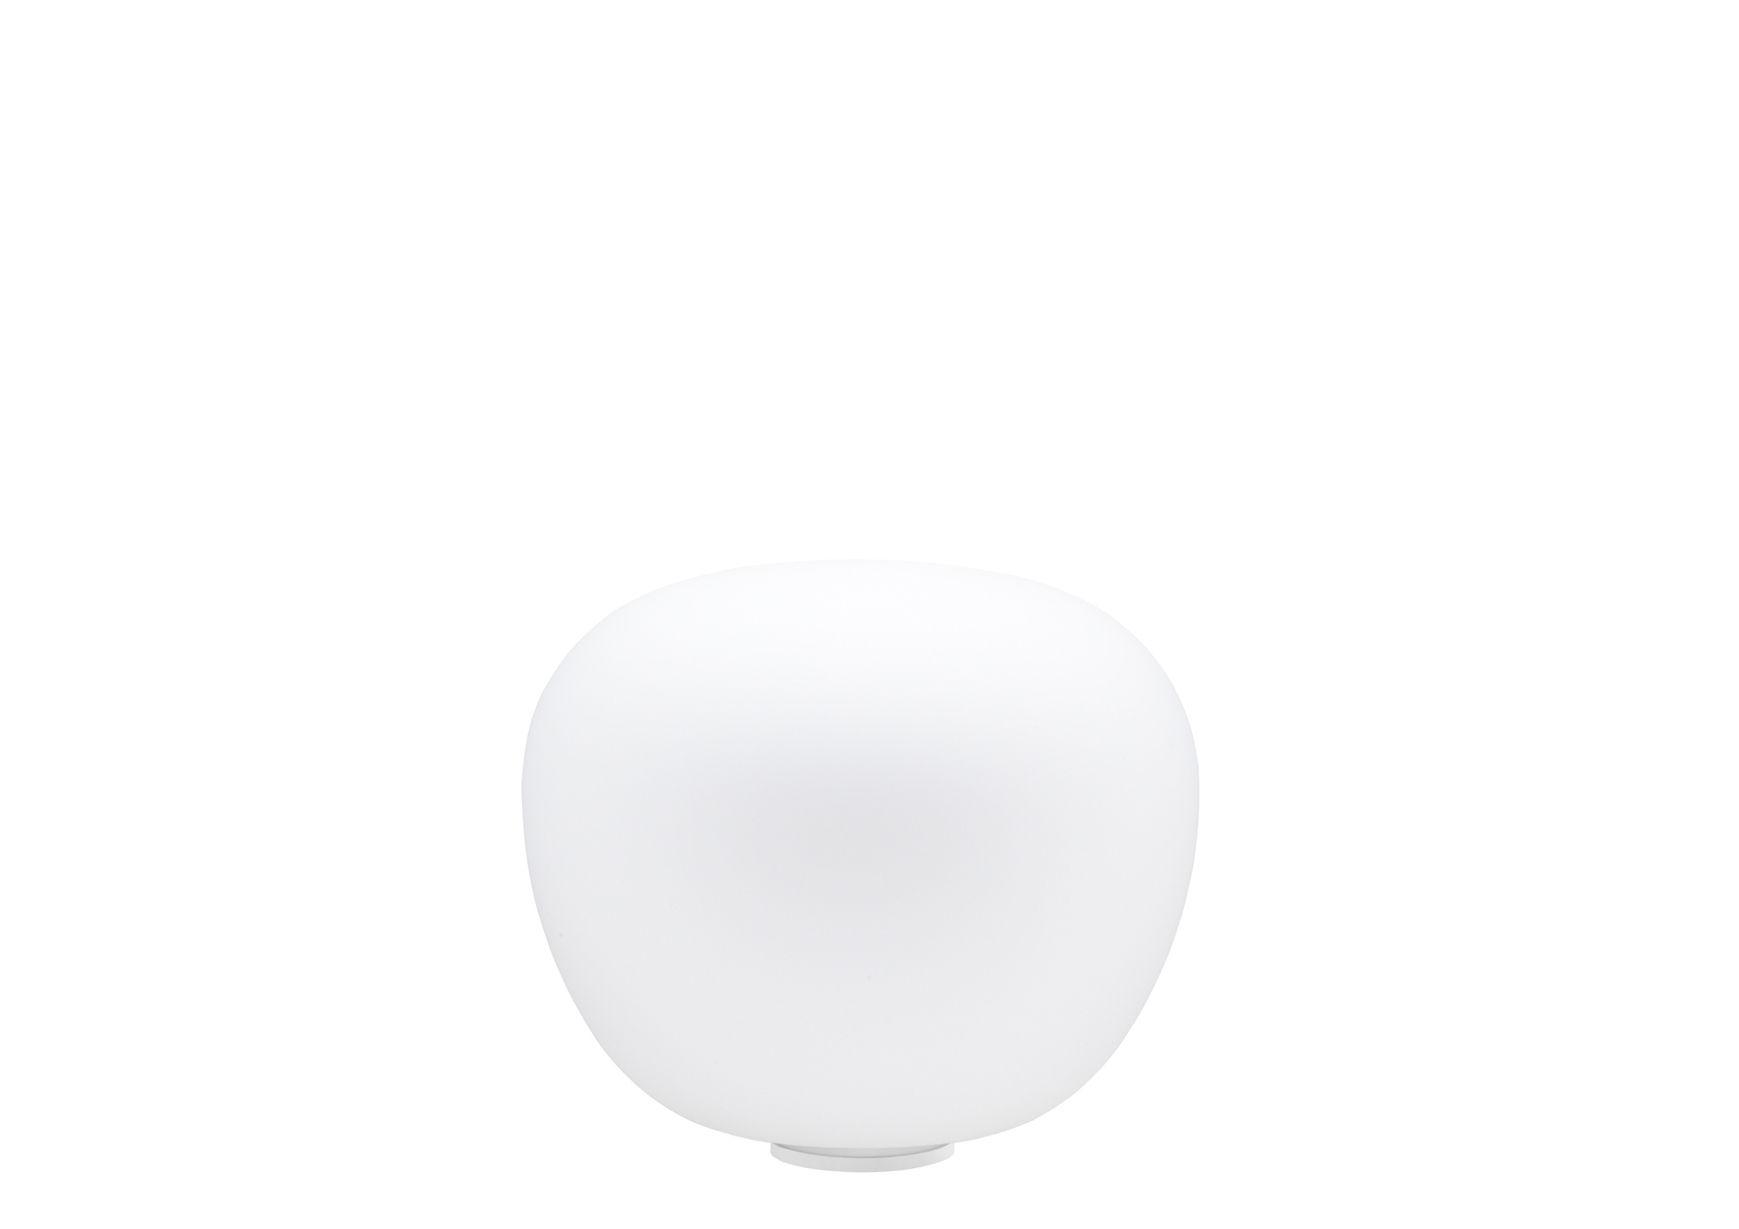 Luminaire - Lampes de table - Lampe de table Mochi Ø 12 cm - Fabbian - Blanc - Ø 12 cm - Verre